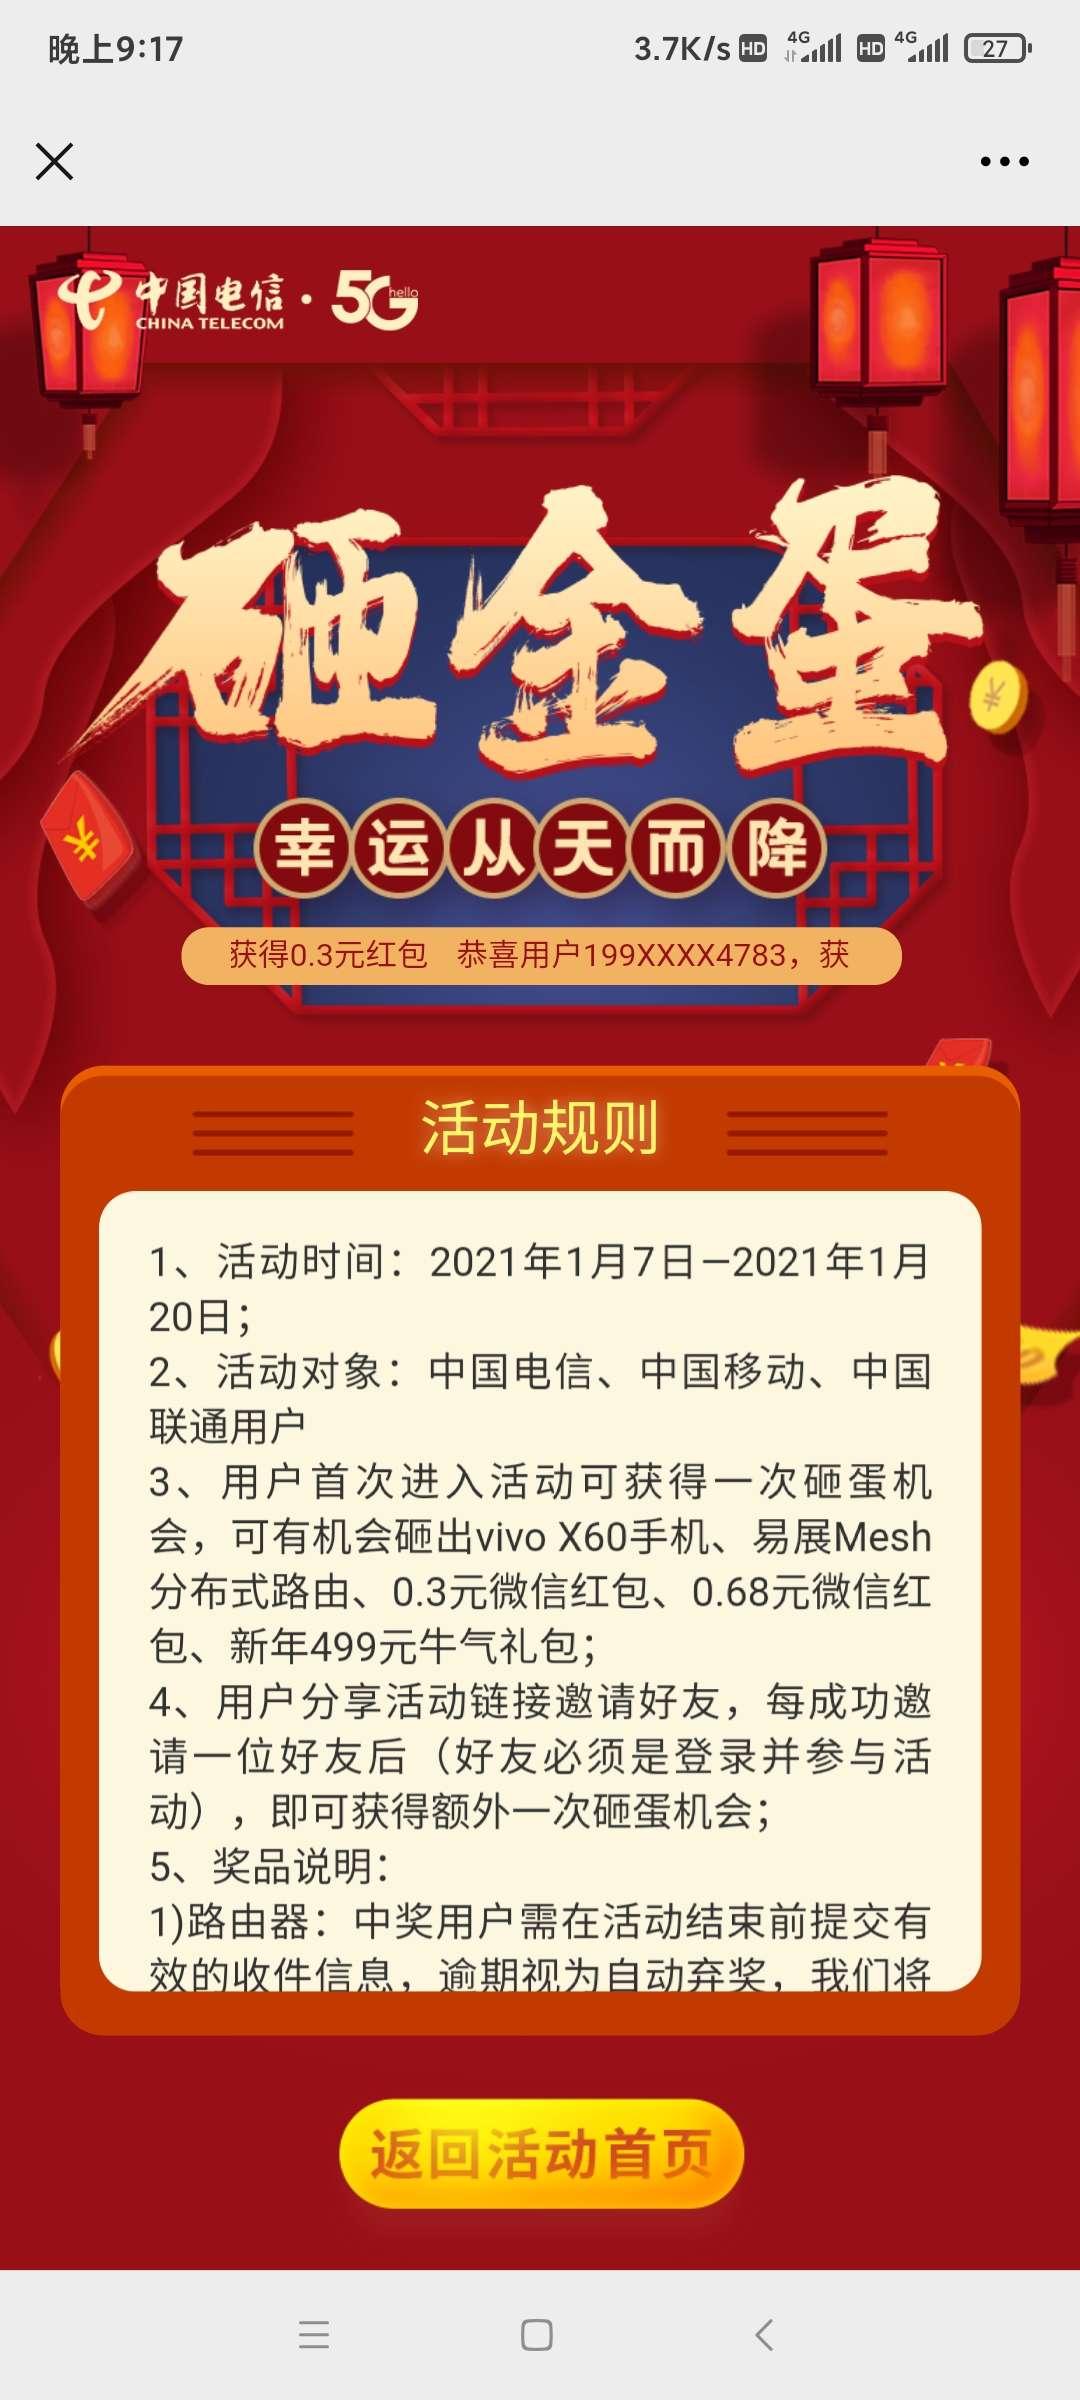 图片[1]-中国电信砸金蛋-老友薅羊毛活动线报网